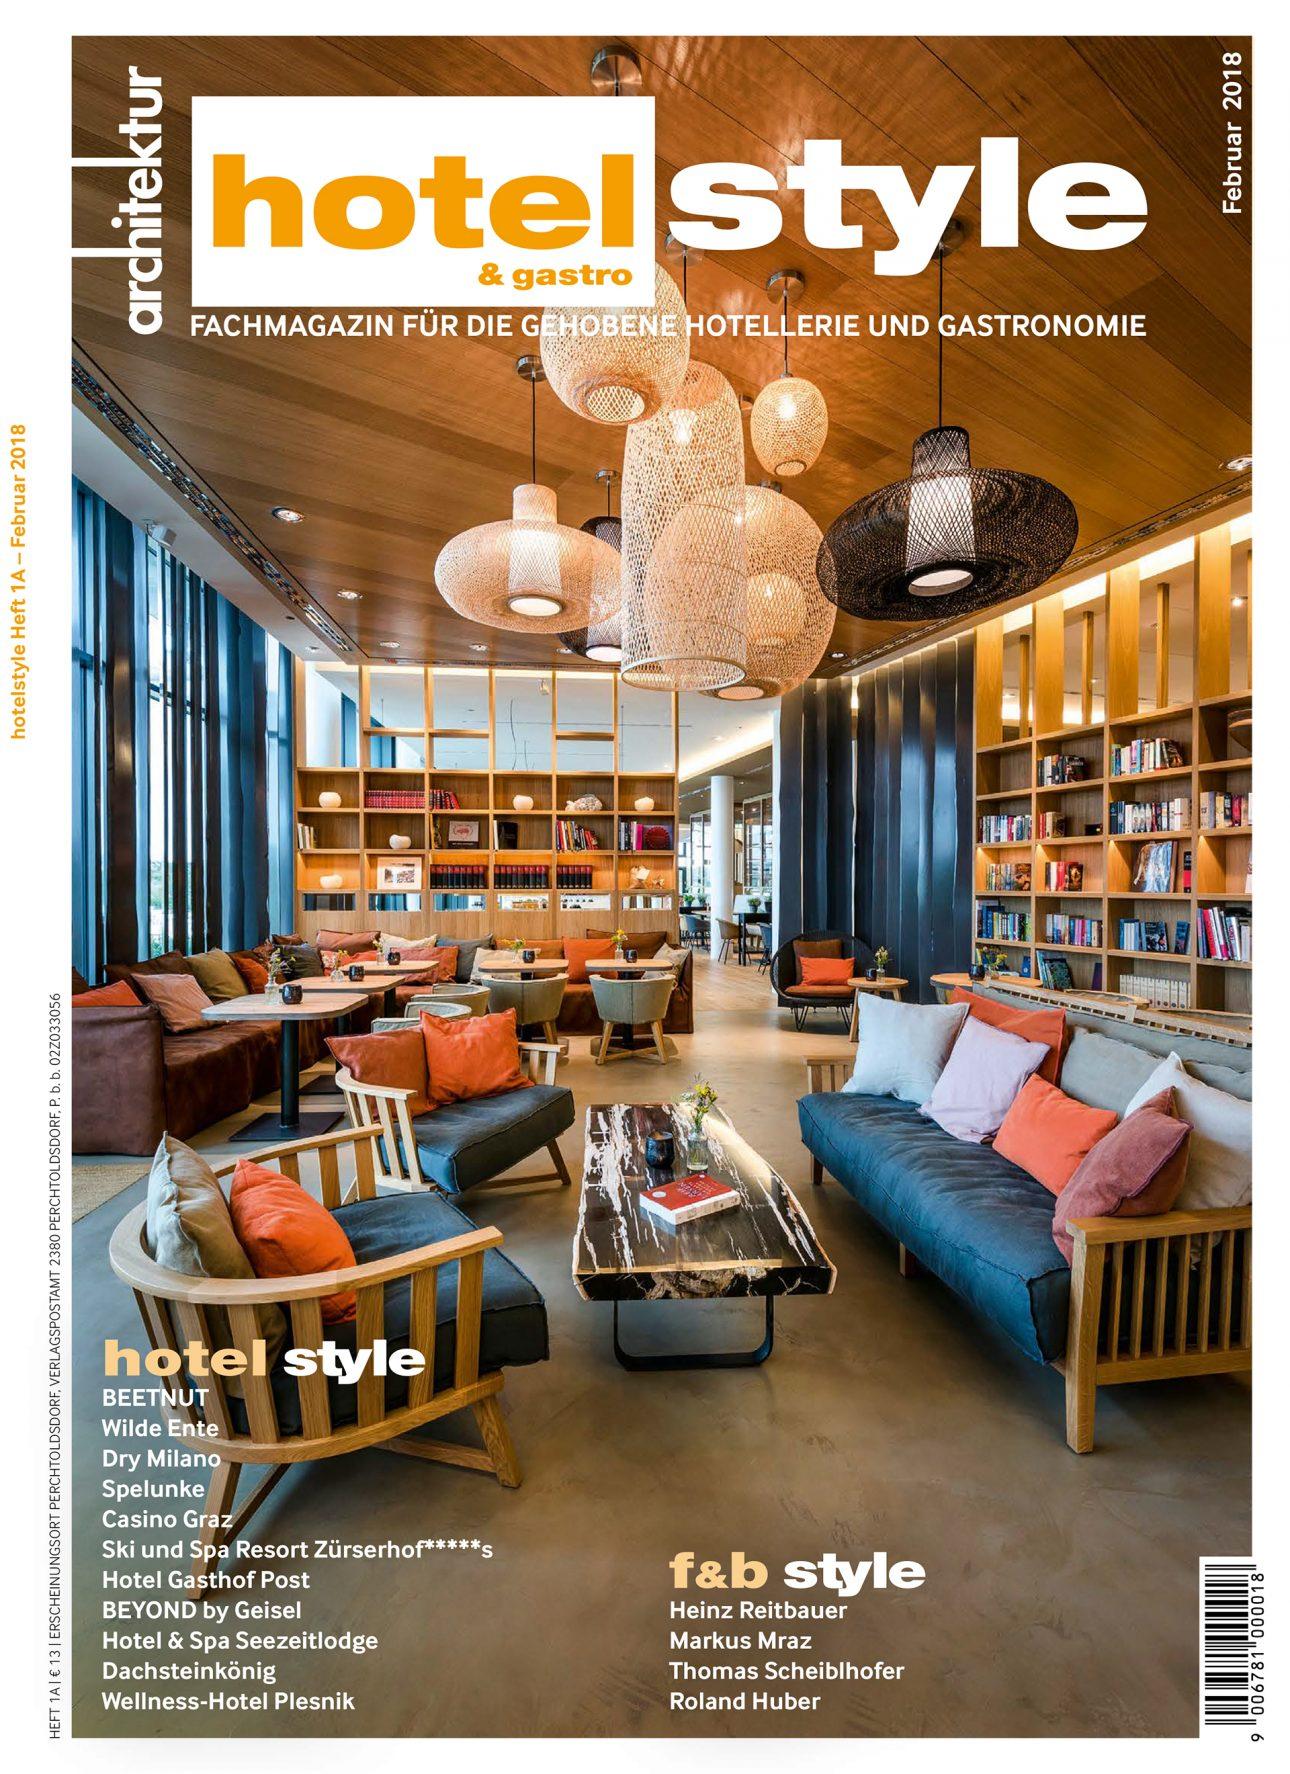 Das Cover von Hotel Style & Gastro mit einem Artikel über das Restaurant Wilde Ente in Iserlohn